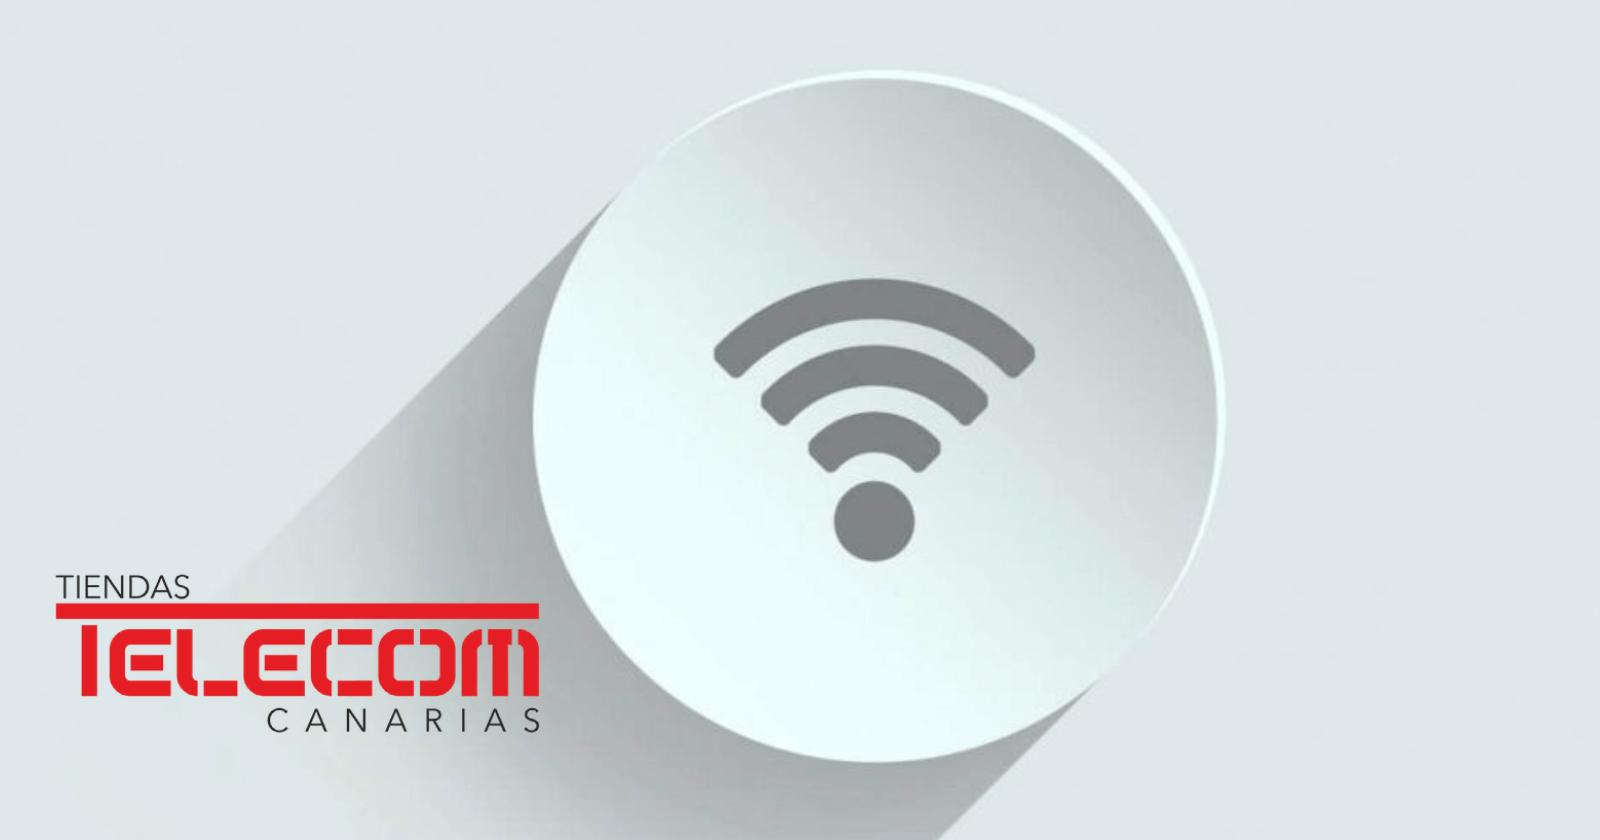 Wifi Canarias, Internet en Canarias, contratar internet en Canarias, Vodafone Canarias